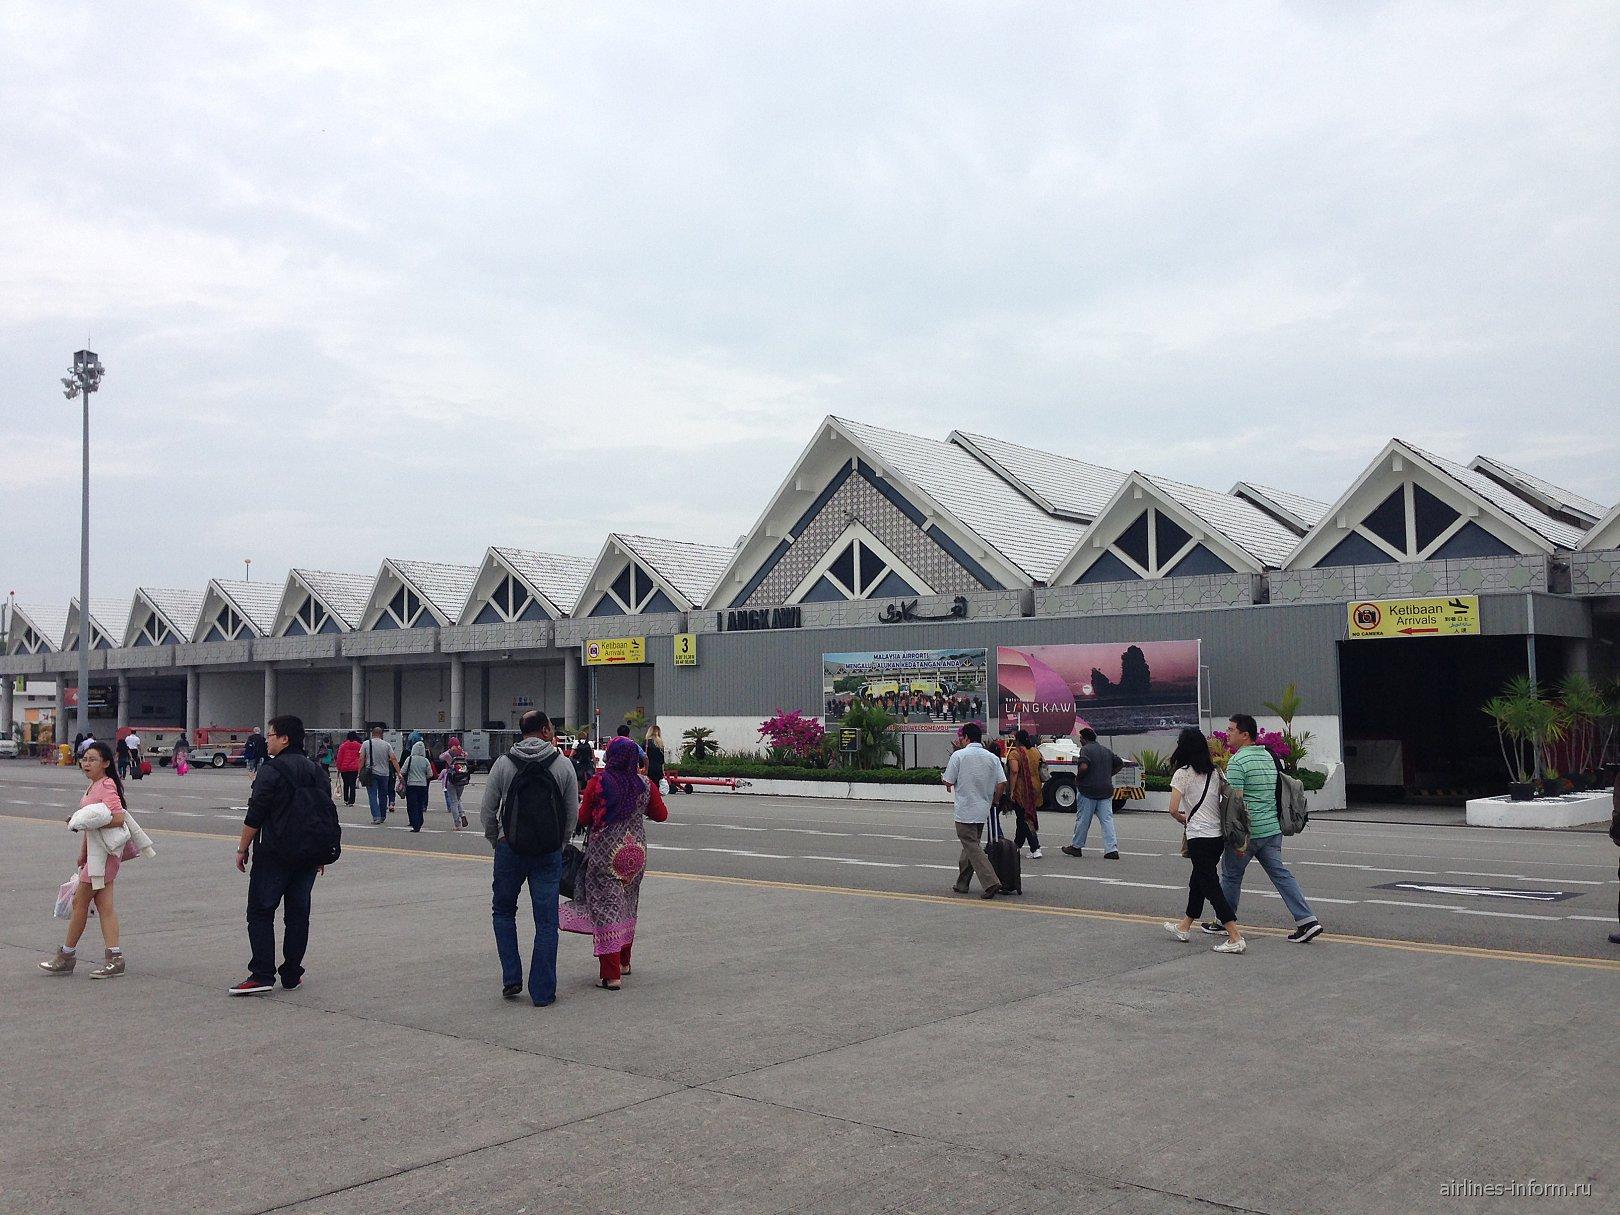 Пассажирский терминал аэропорта Лангкави